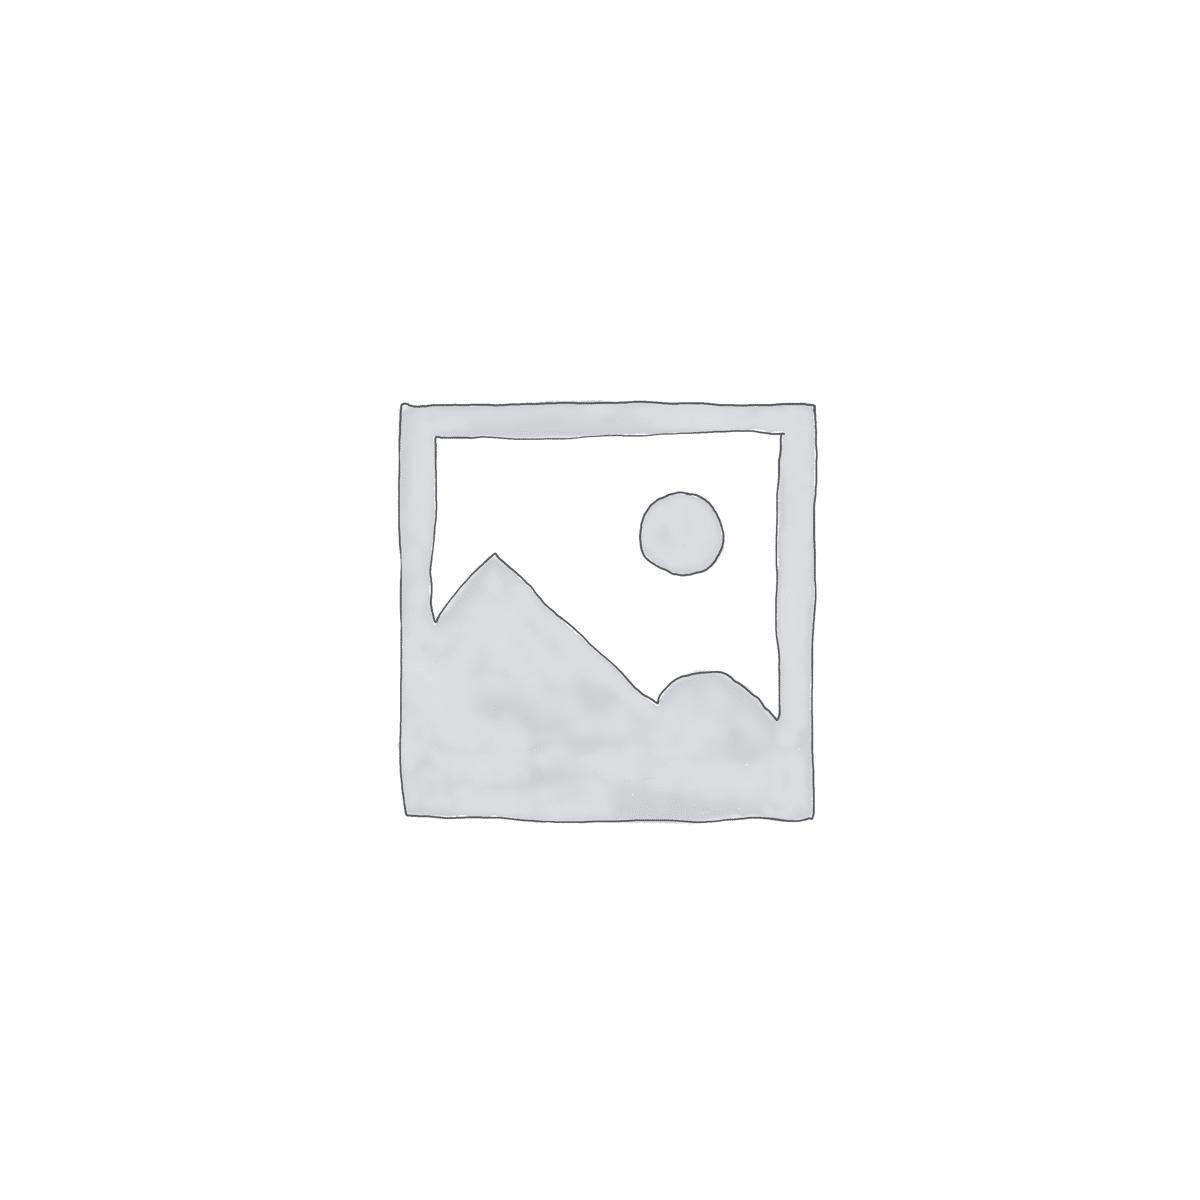 ایمپرشن + ریچ - بدون ویو (مناسب عکس)